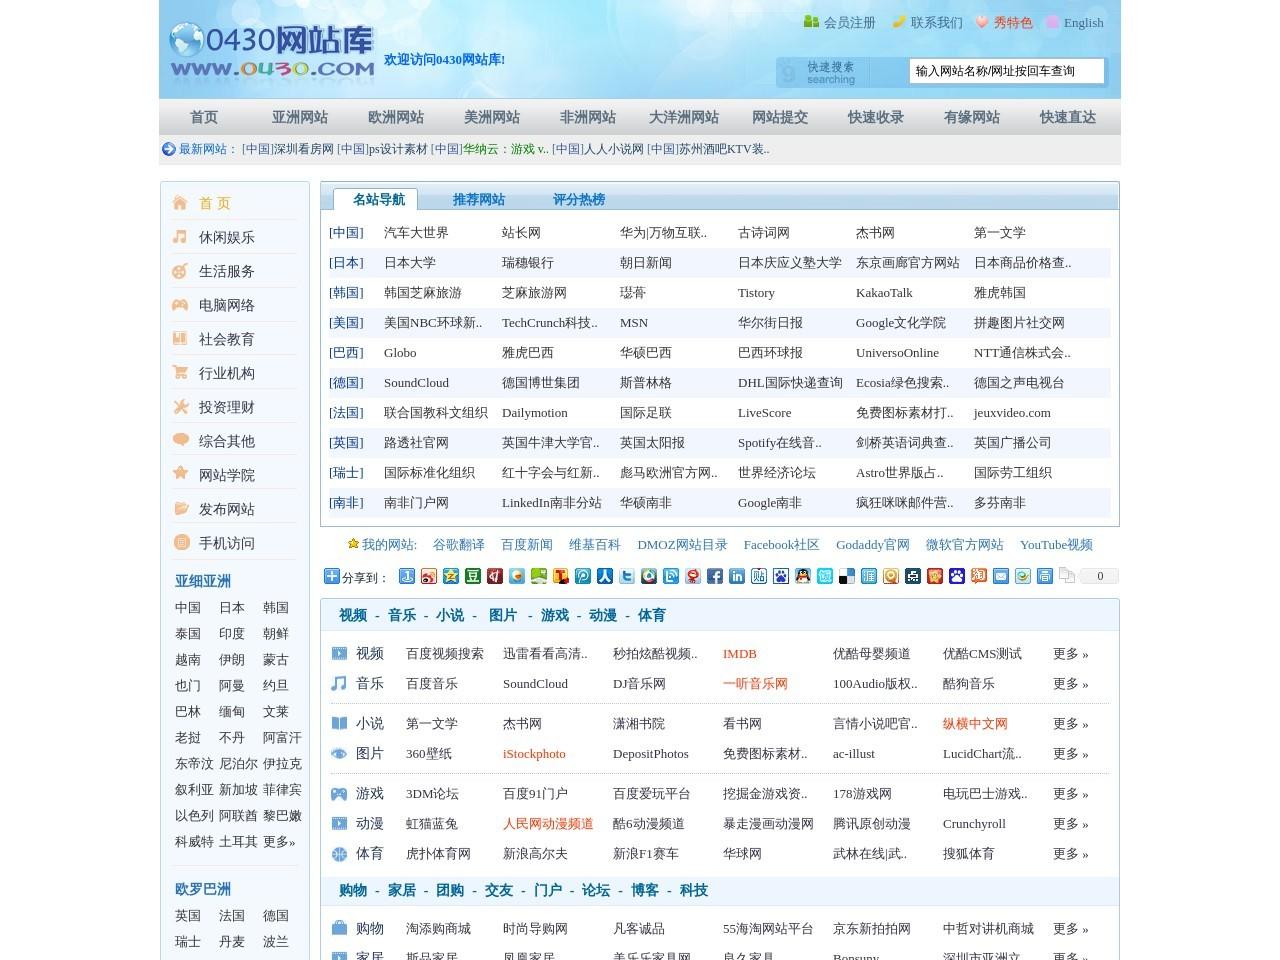 全球网站库_中文网站收录